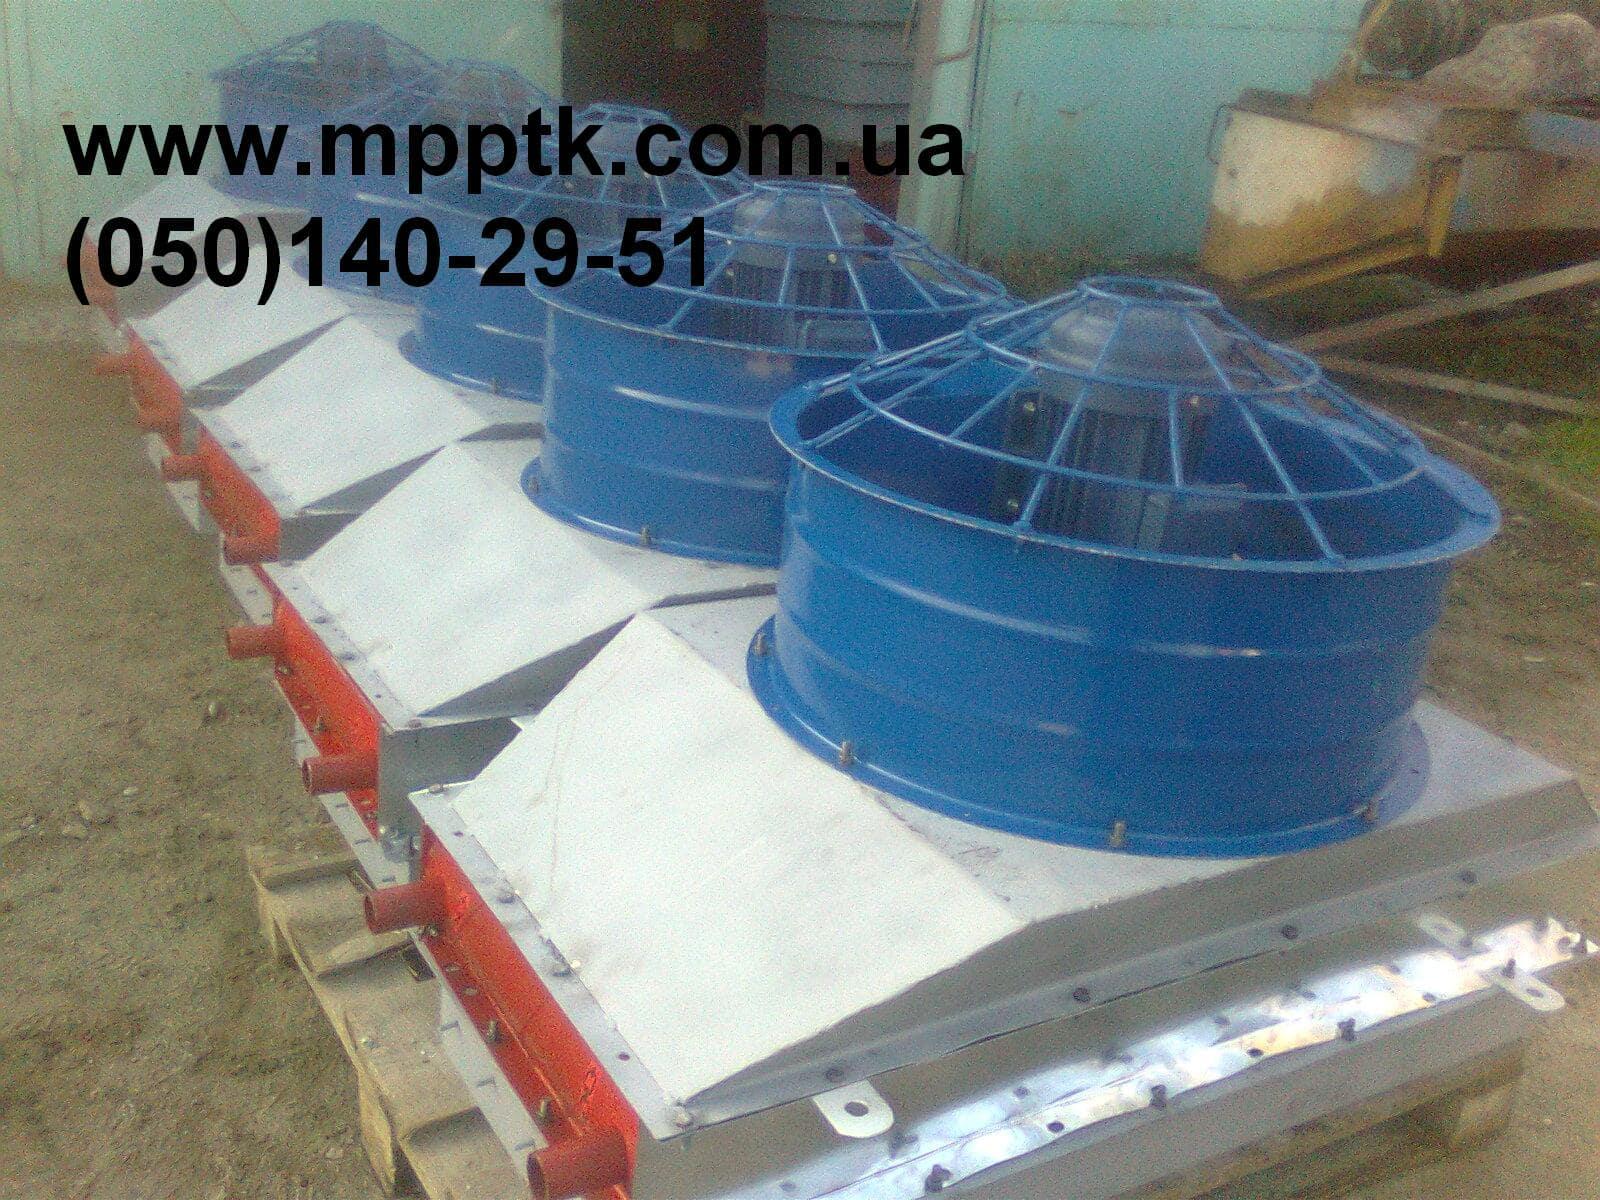 Отопительные агрегаты АПВС новые производство изготовление купить доставка Украина